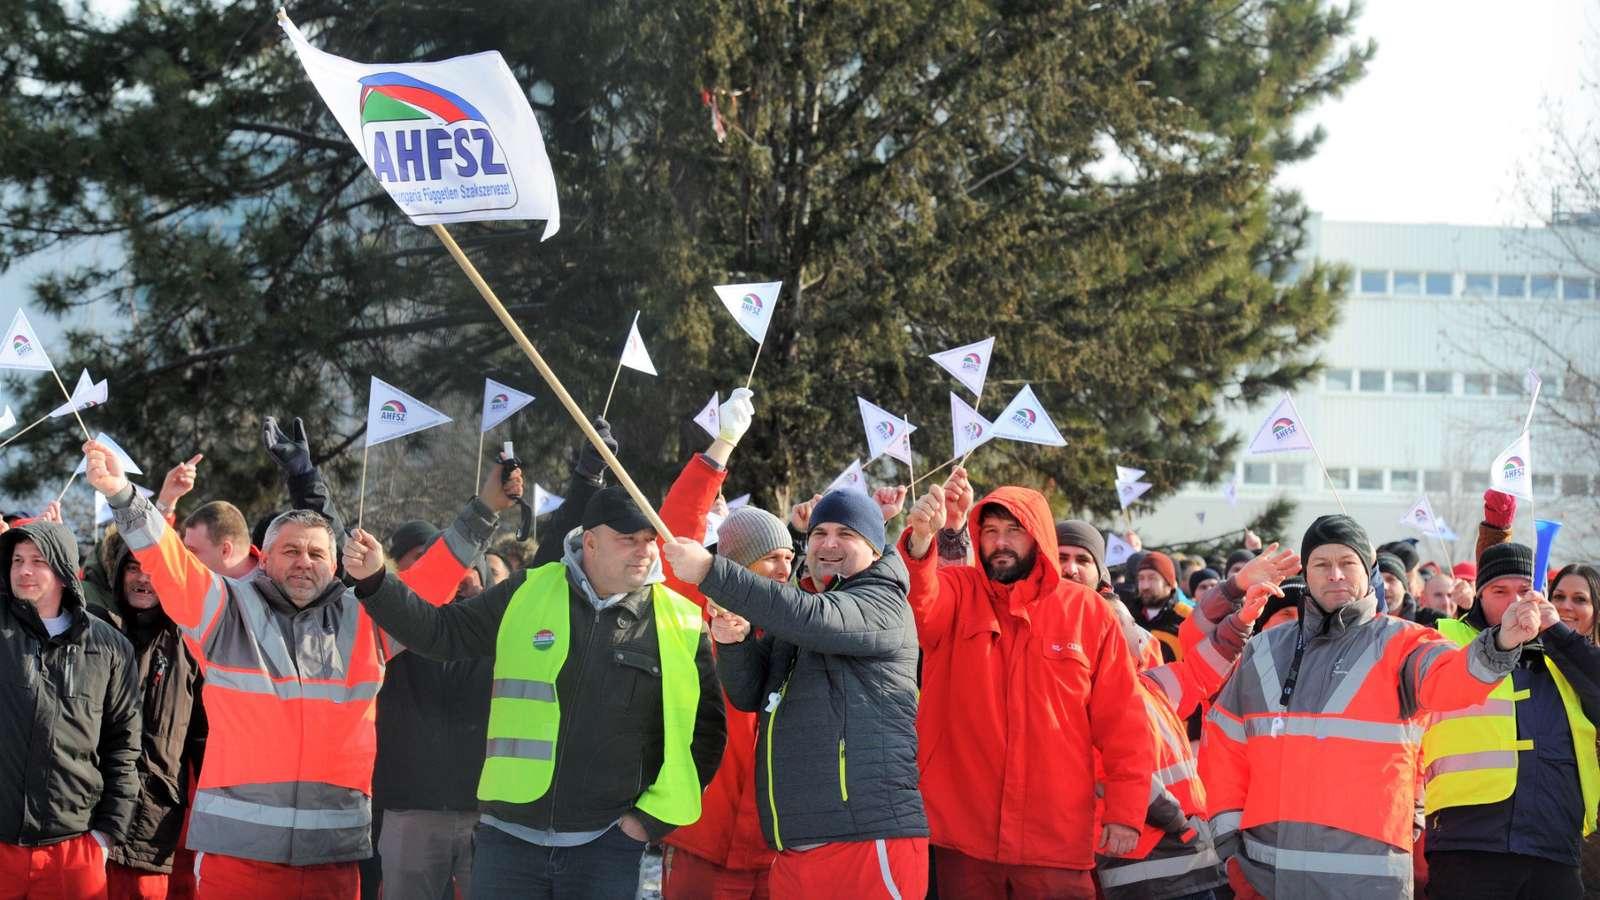 bator_emberek_gyorben_az_audinal_sztrajkolnak_2019-01-24.jpg